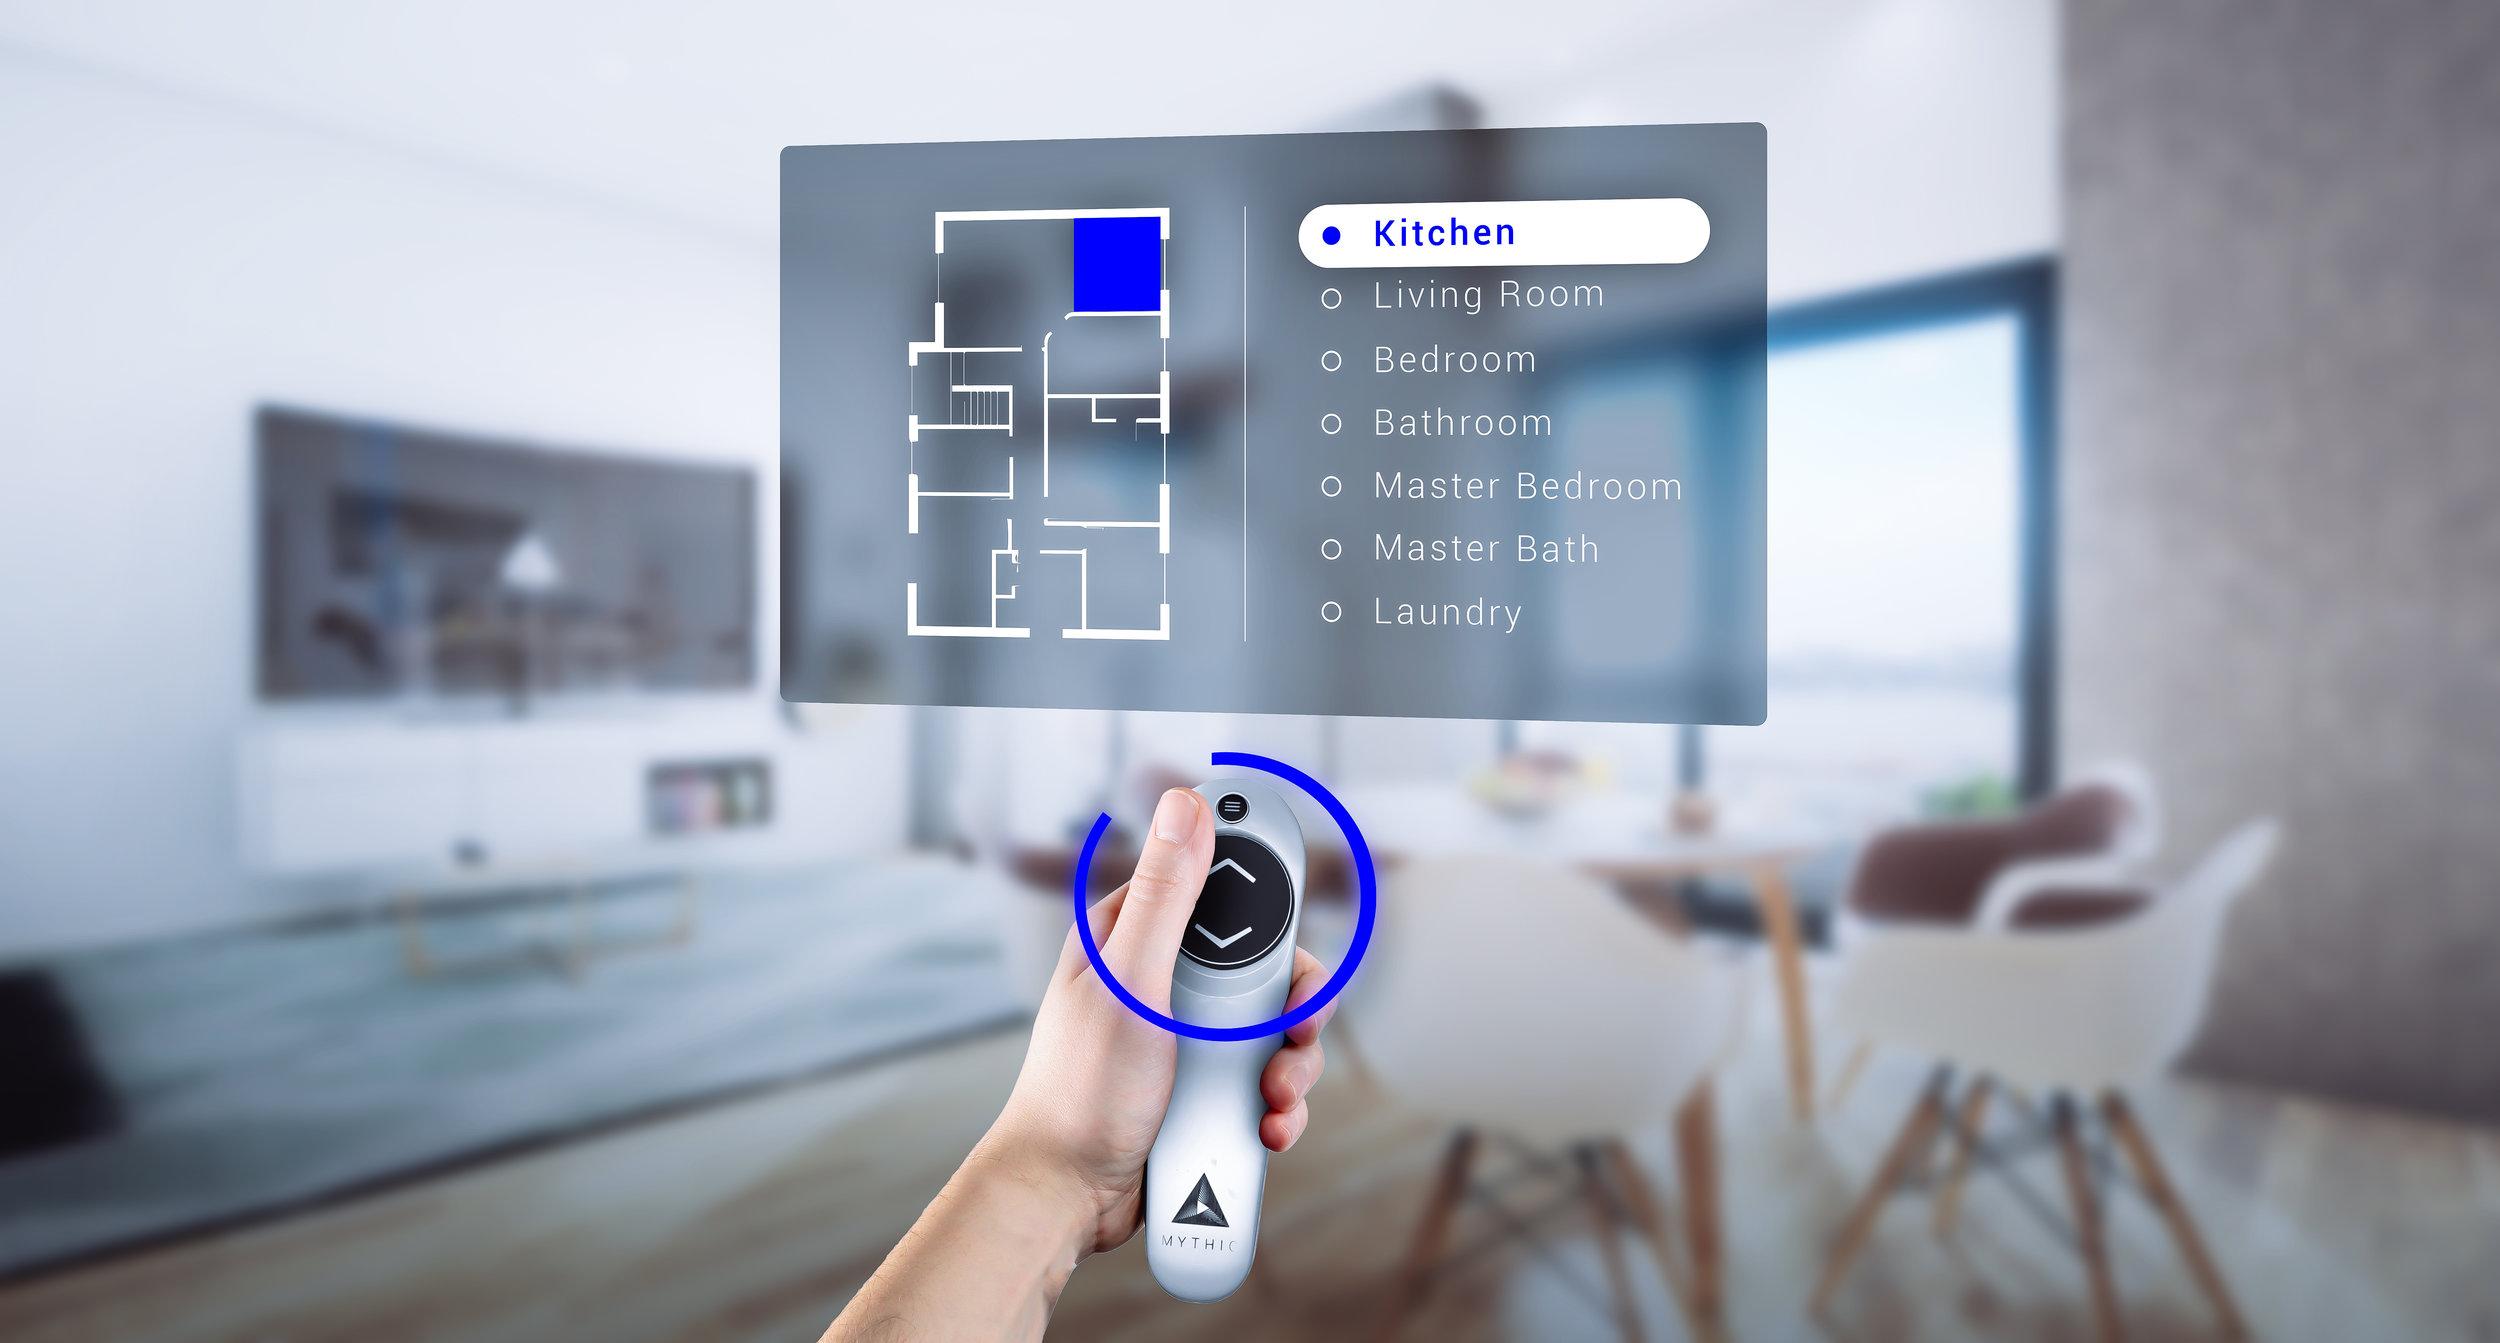 VR User Interface